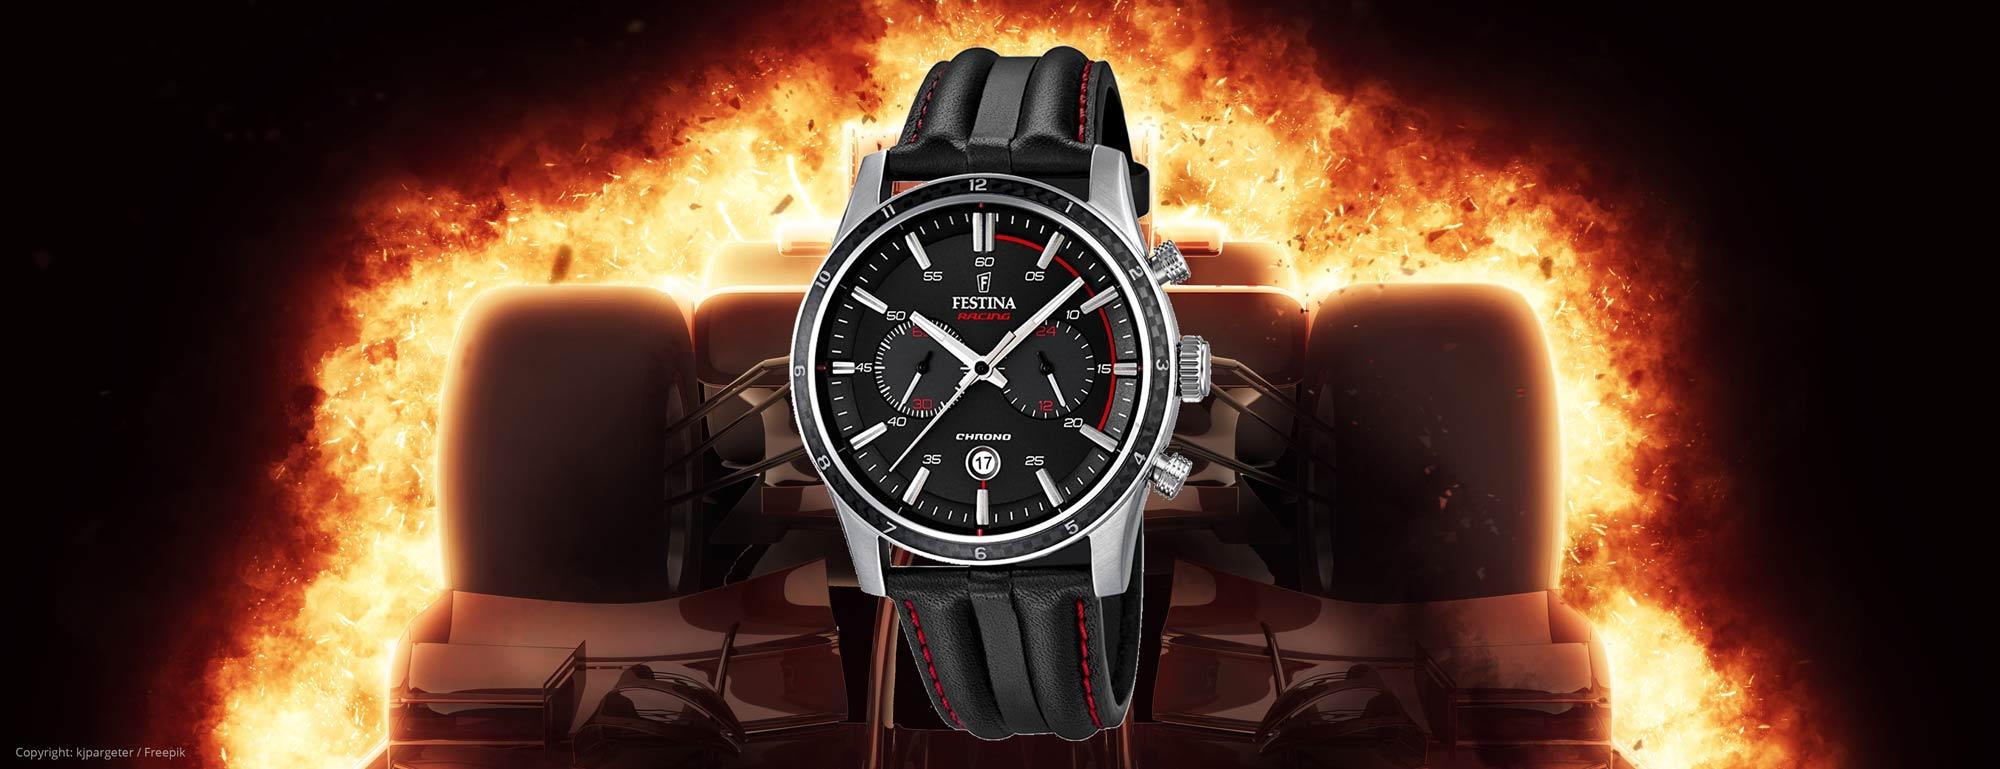 festina-racing-chronograph